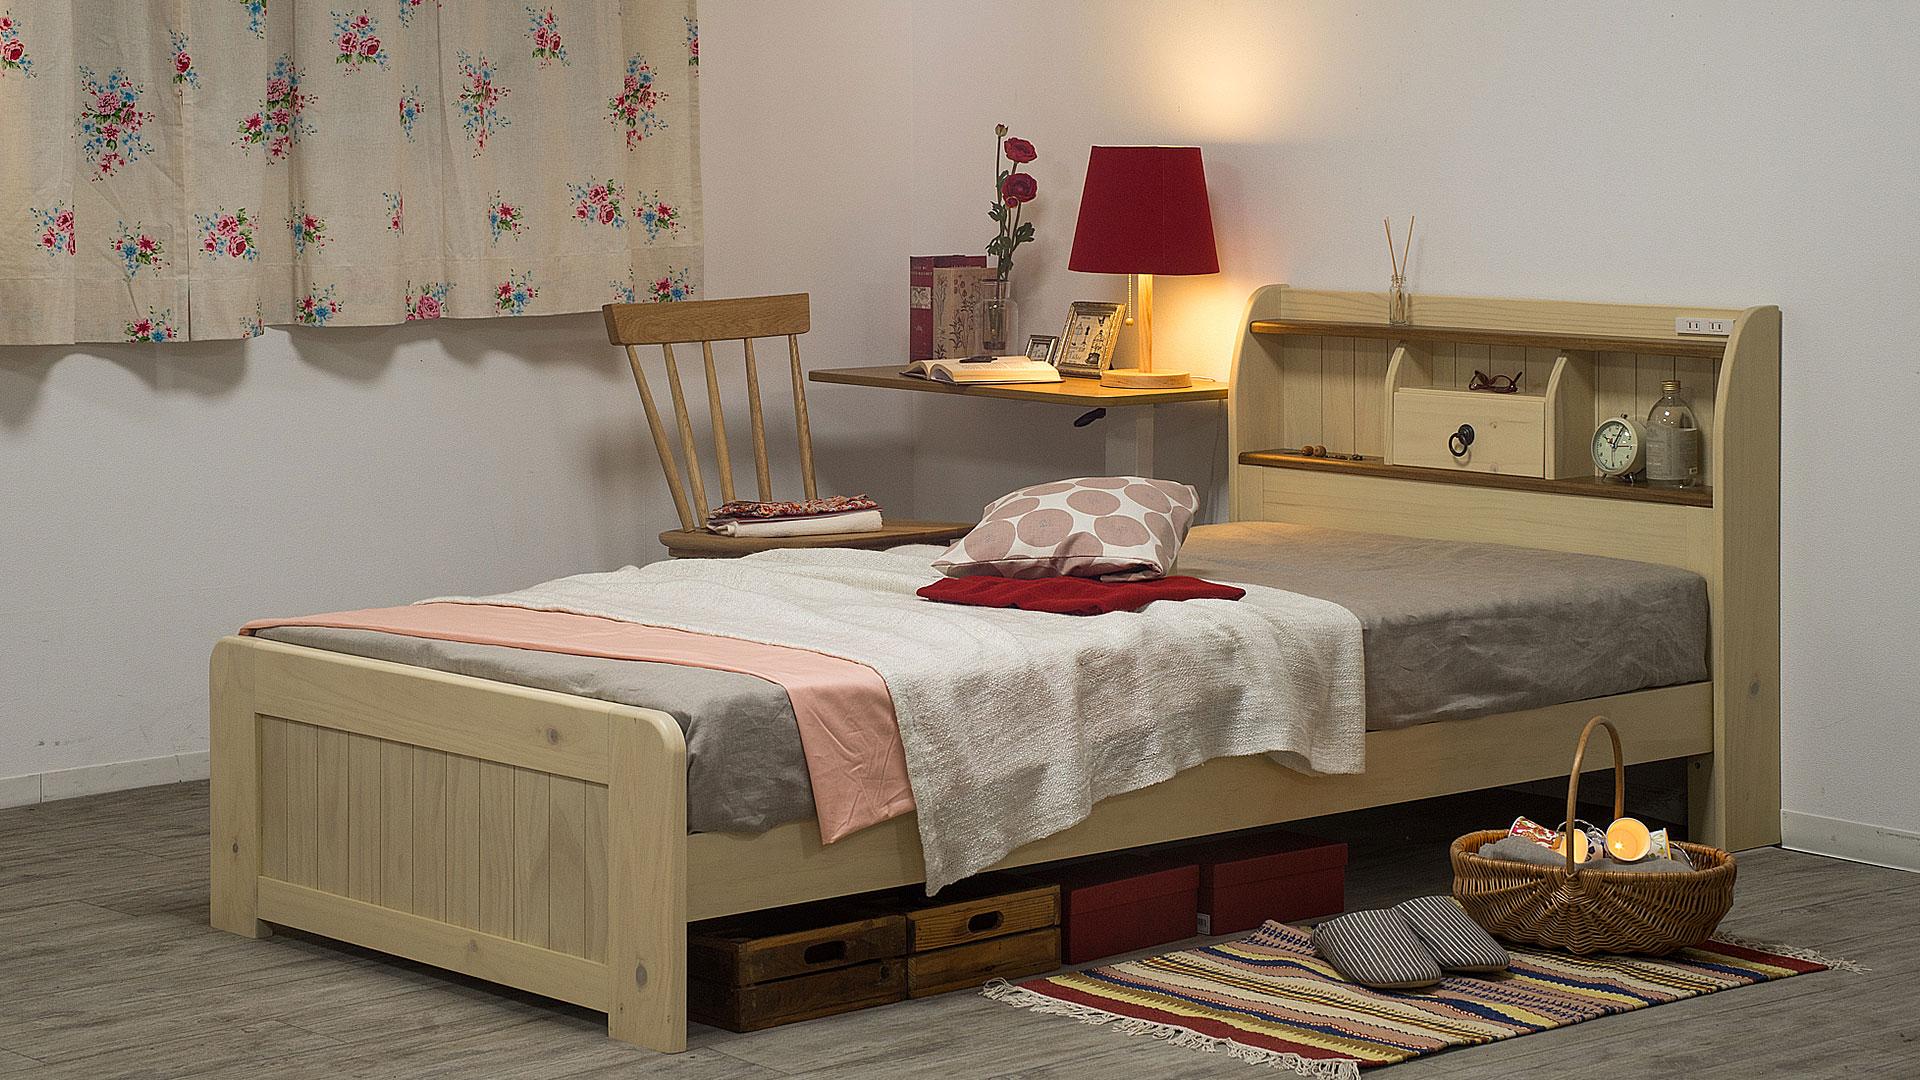 リビンズのベッドフレーム「アンソレイ」の展示の画像